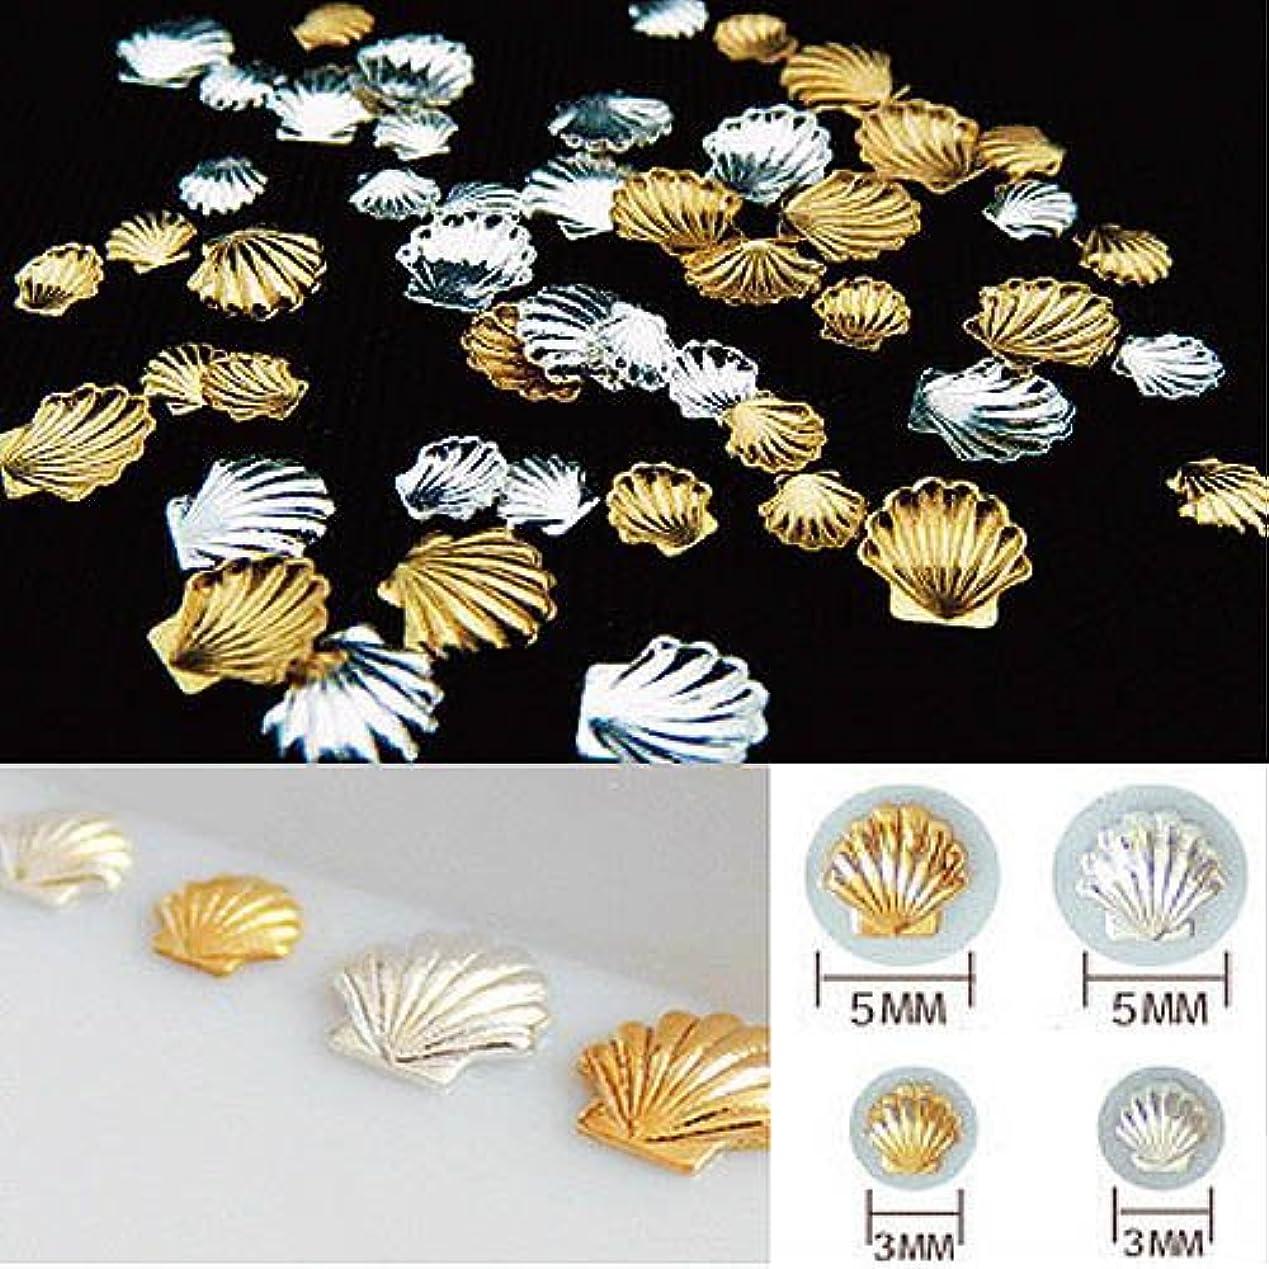 データム重々しいノベルティ貝殻モチーフ マリン パーツ チャーム 金属パーツ メタルシェル 48個(ゴールド&シルバー、3mm&5mm 各12個)セット